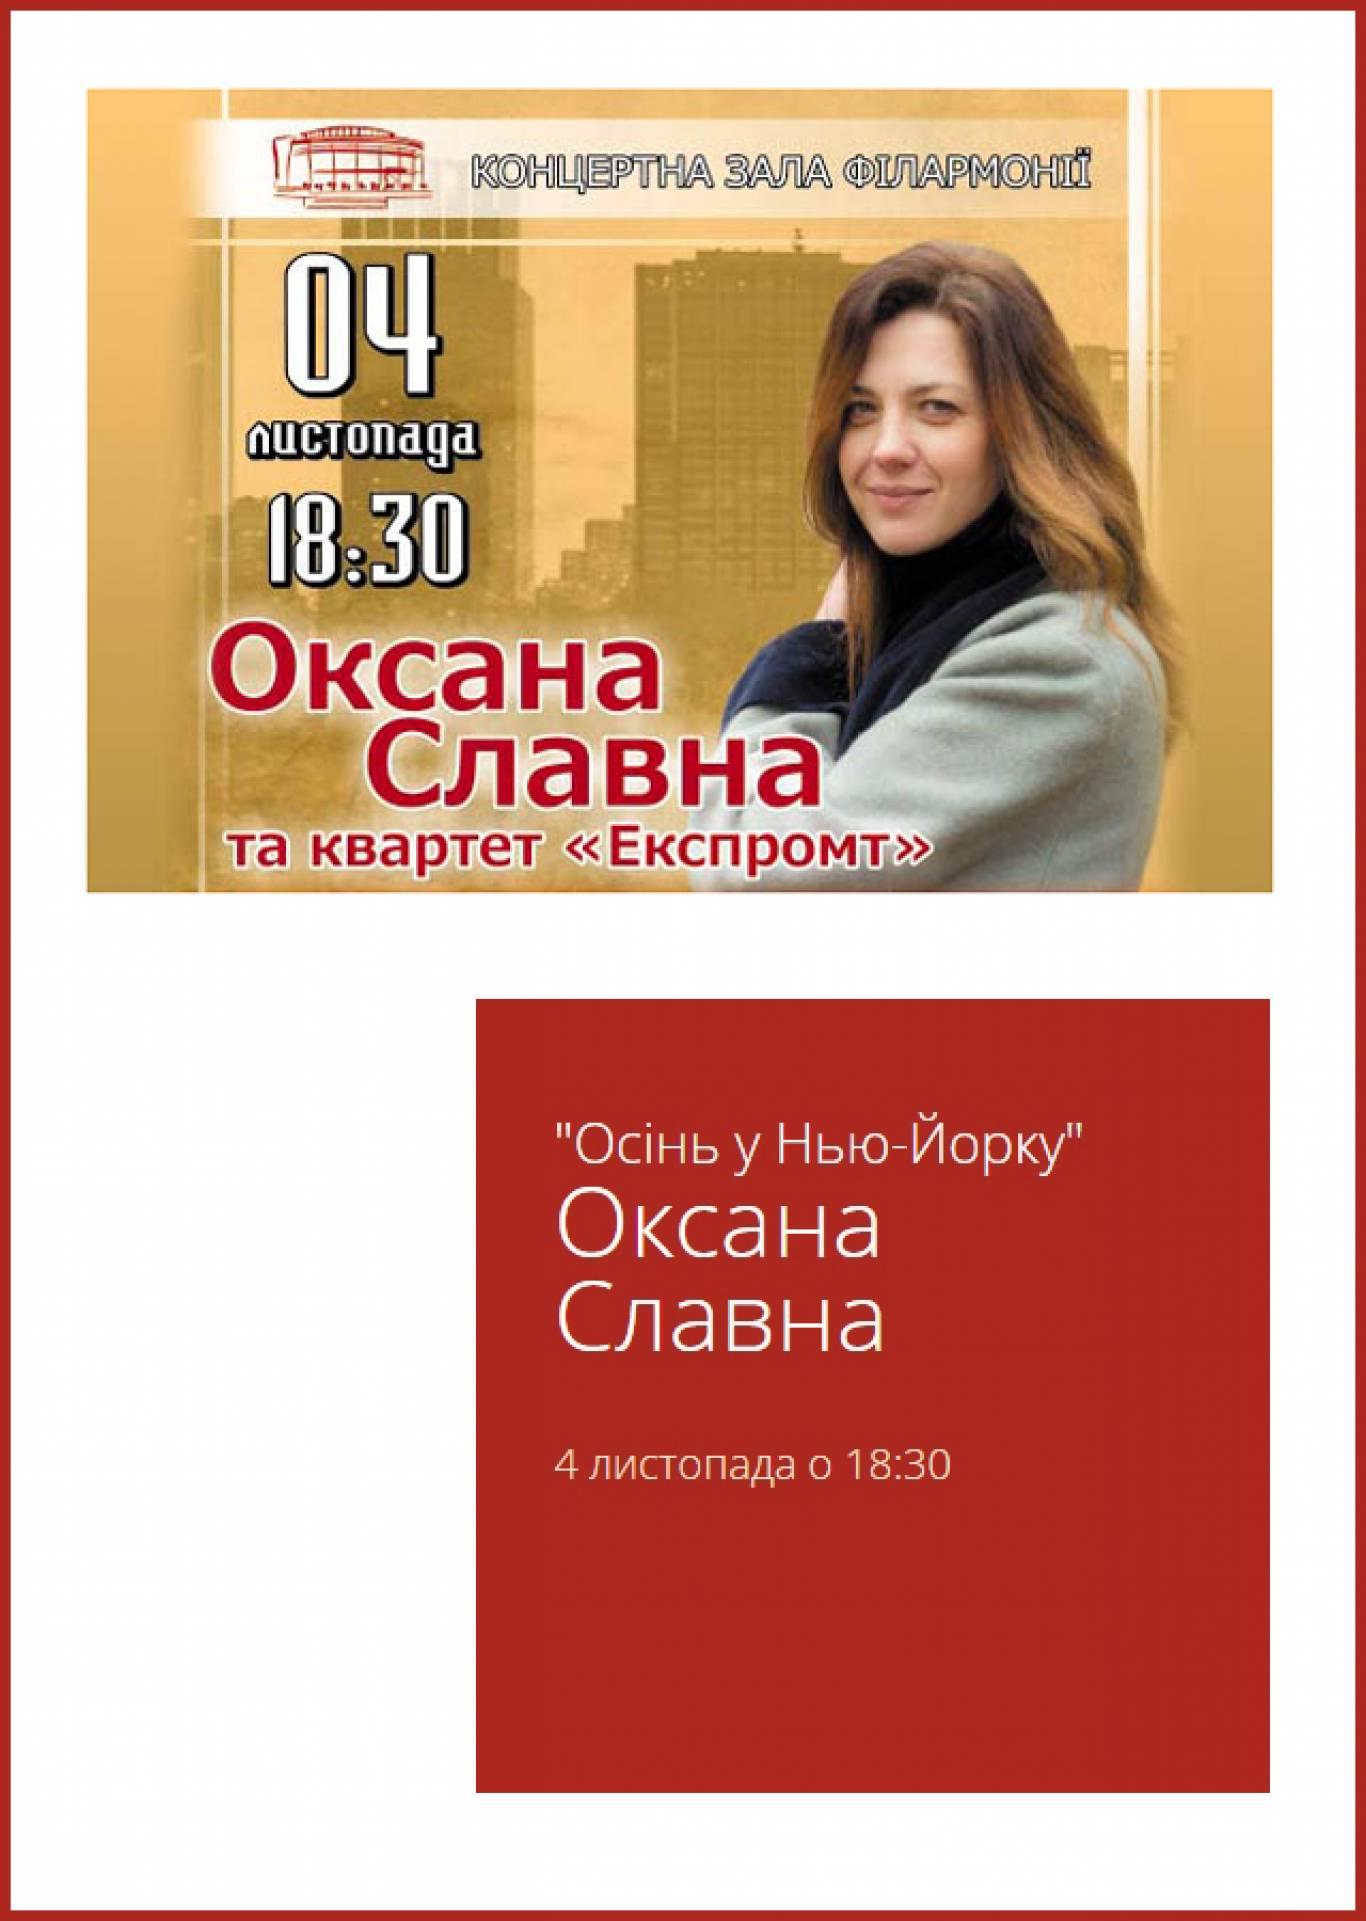 """Оксана Славна та квартет """"Експромт"""" з концертом «Осінь у Нью-Йорку»"""